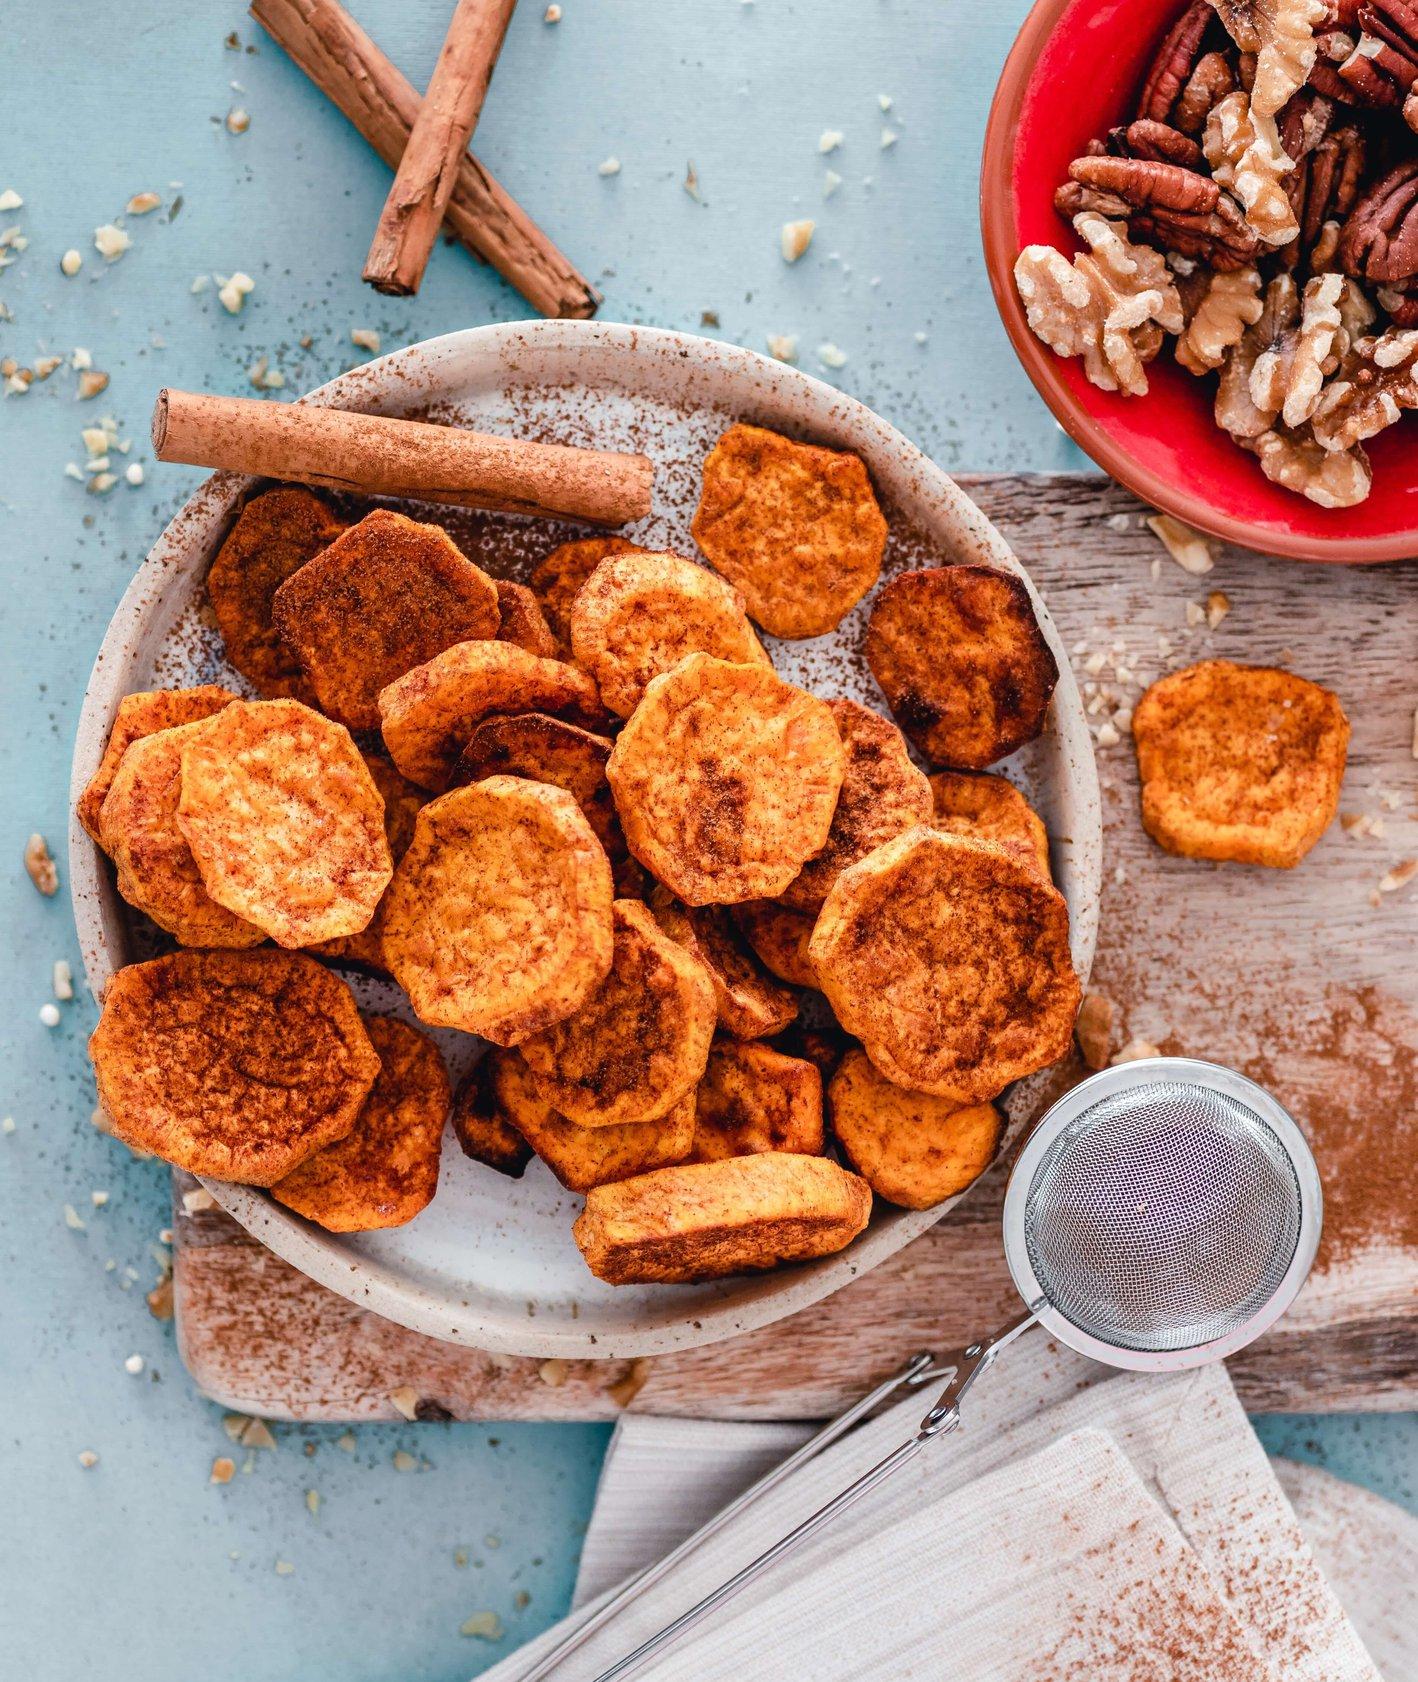 Talerz chipsów z batata w rozgrzewających przyprawach, włoskie orzechy i kora cynamonu (fot.Ella Olsson)